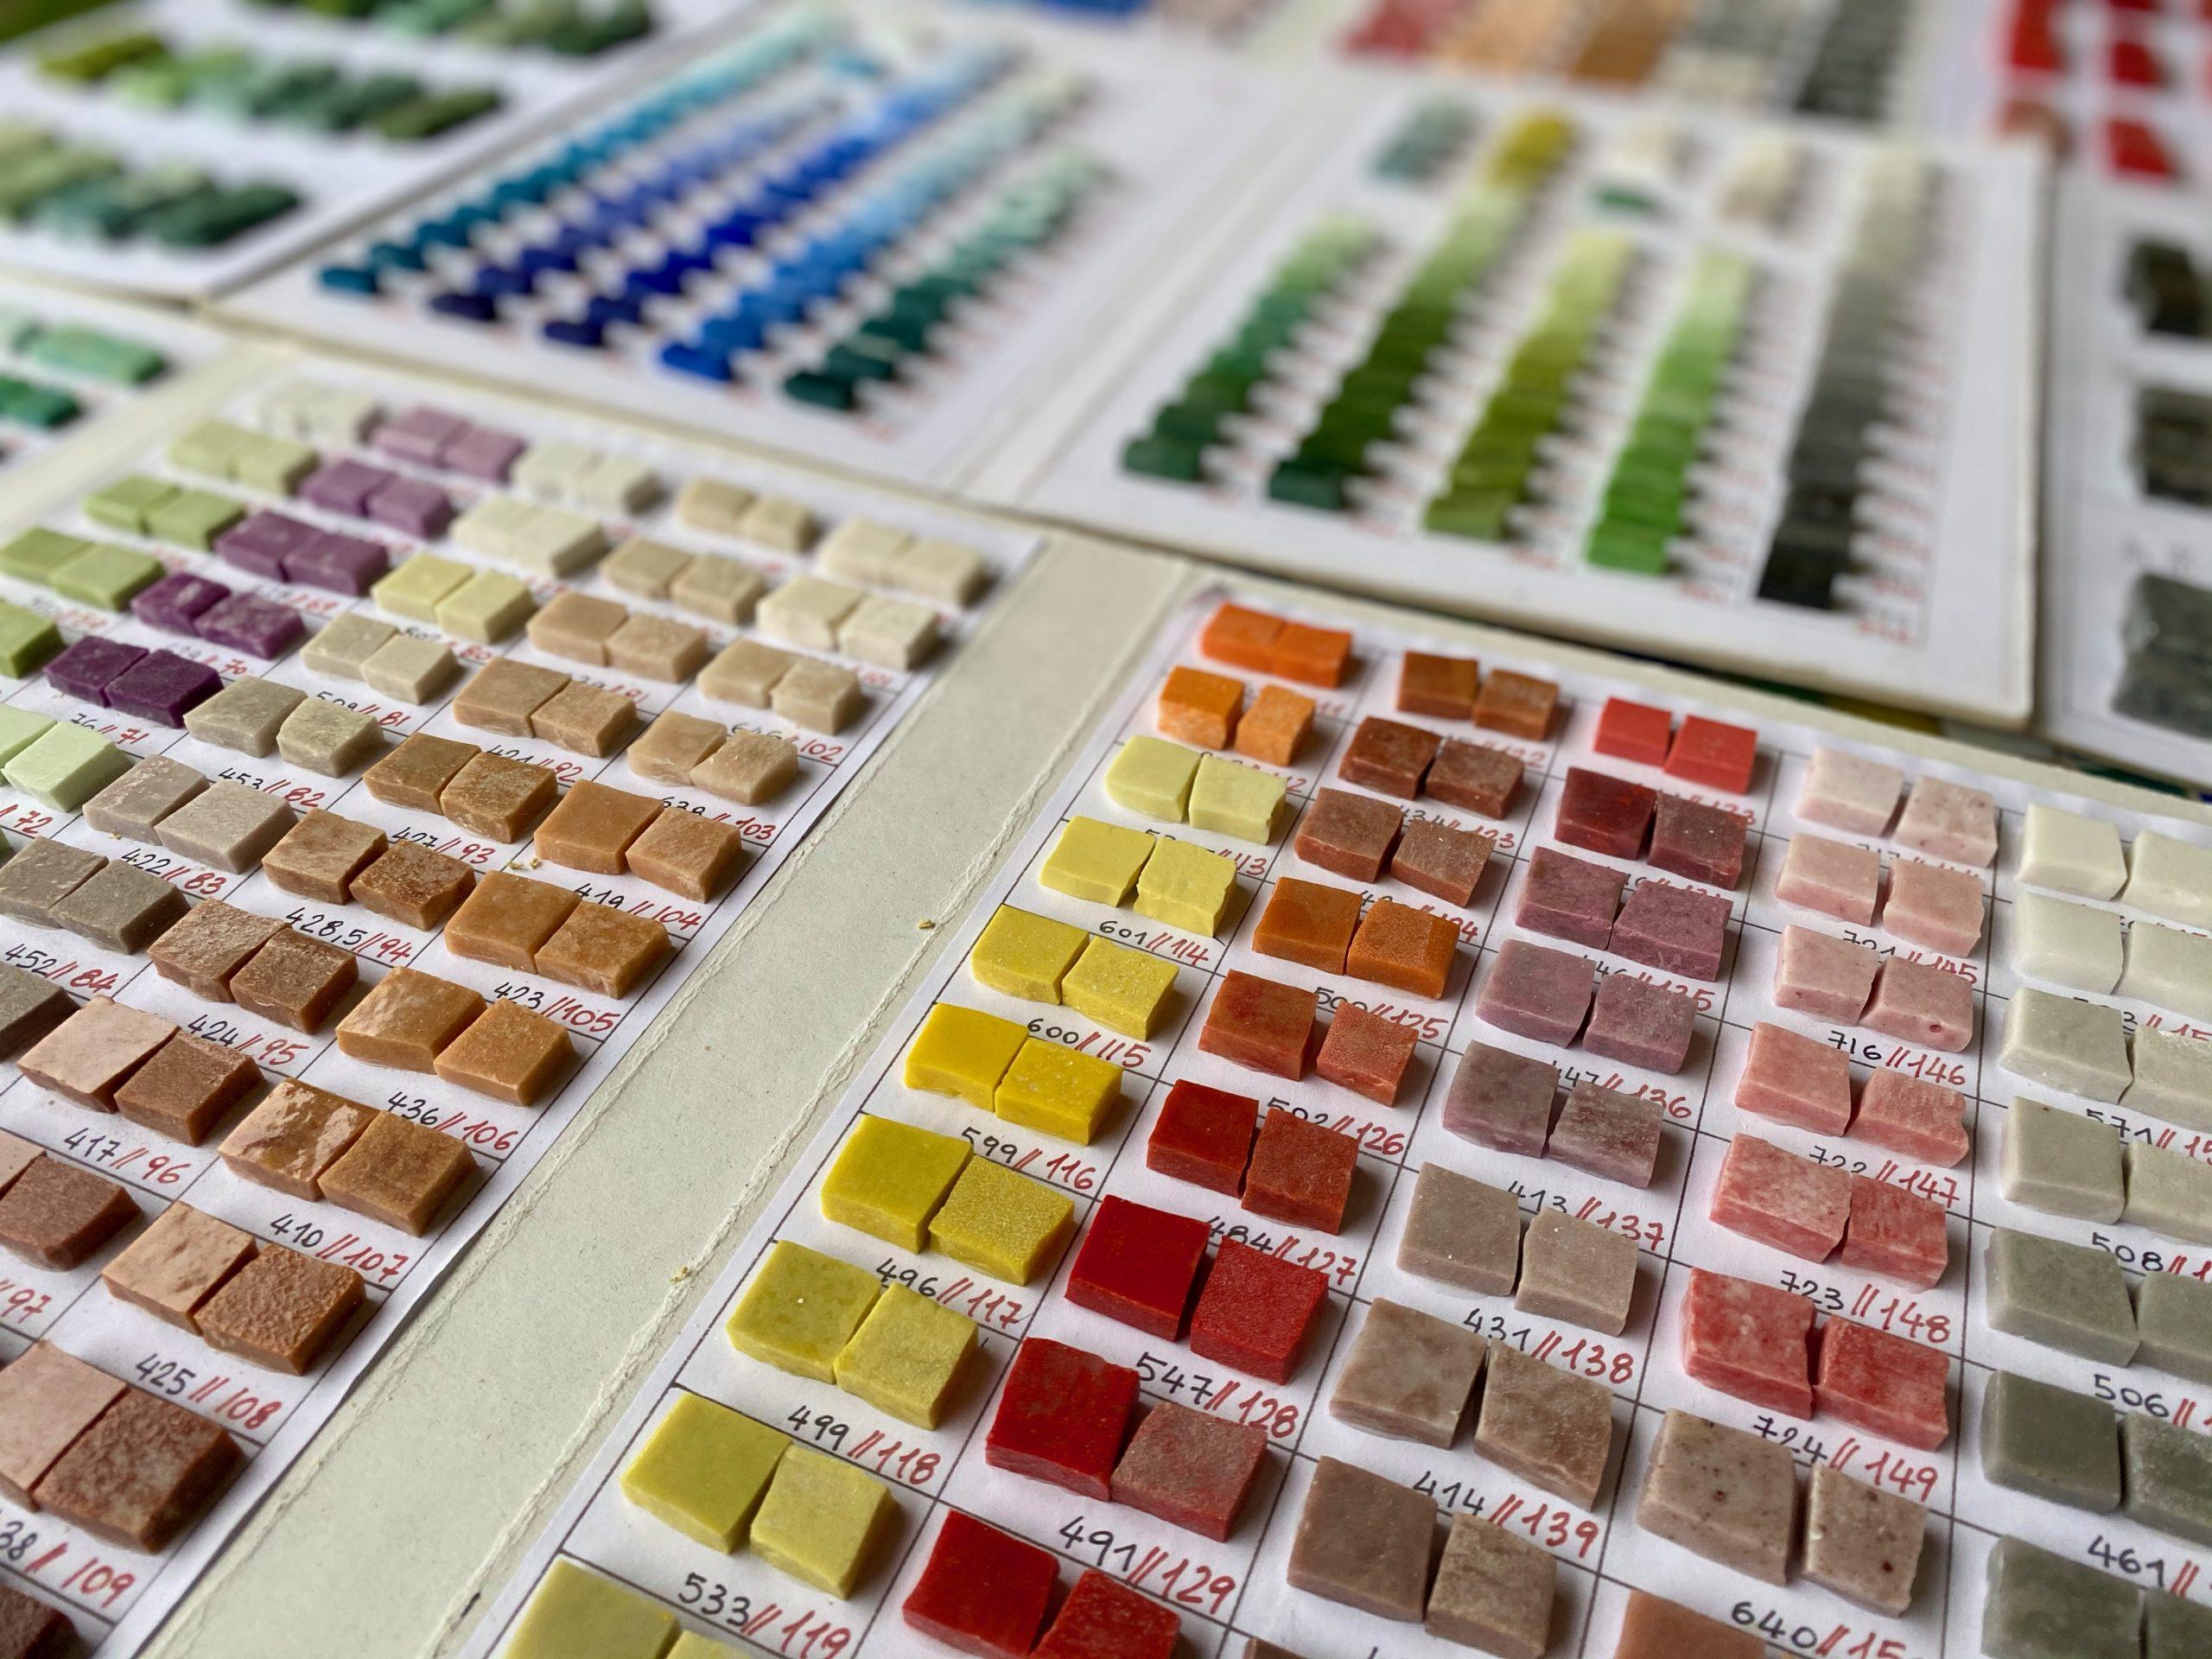 campionario colori Smalti mosaico morassutti